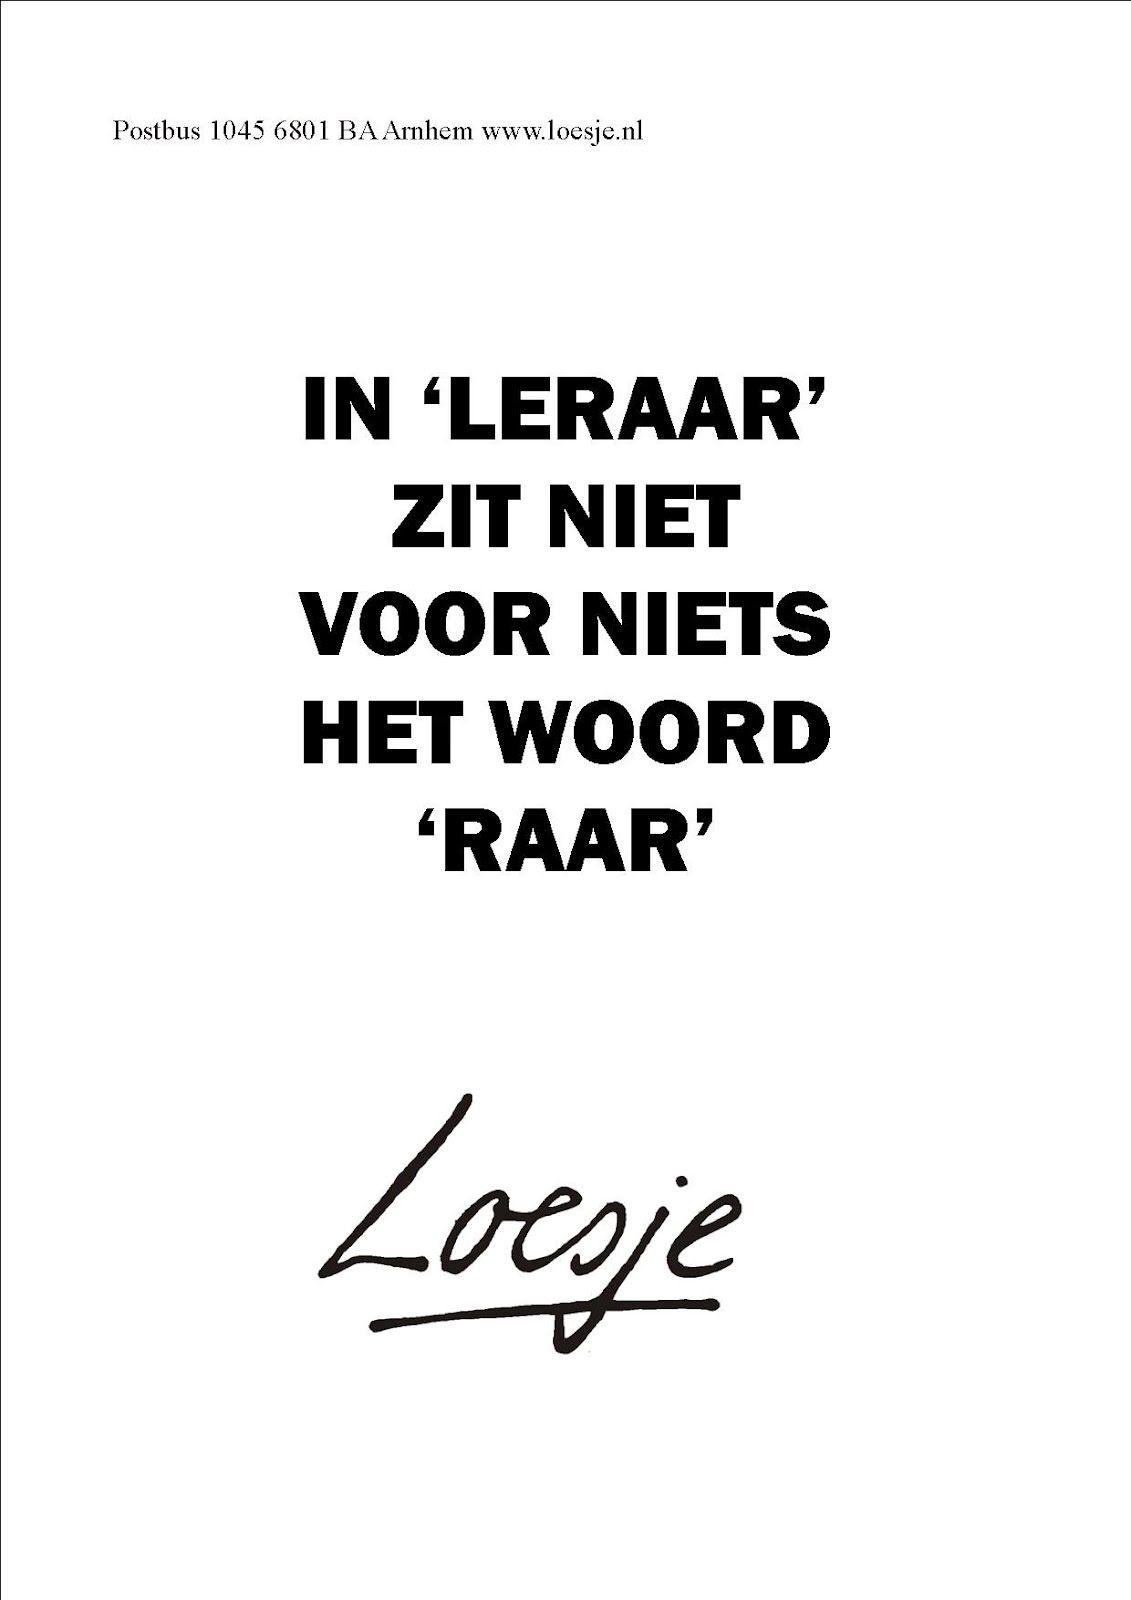 loesje spreuken leraar Pin by loesje on Loesje | Quotes, School quotes, Funny loesje spreuken leraar